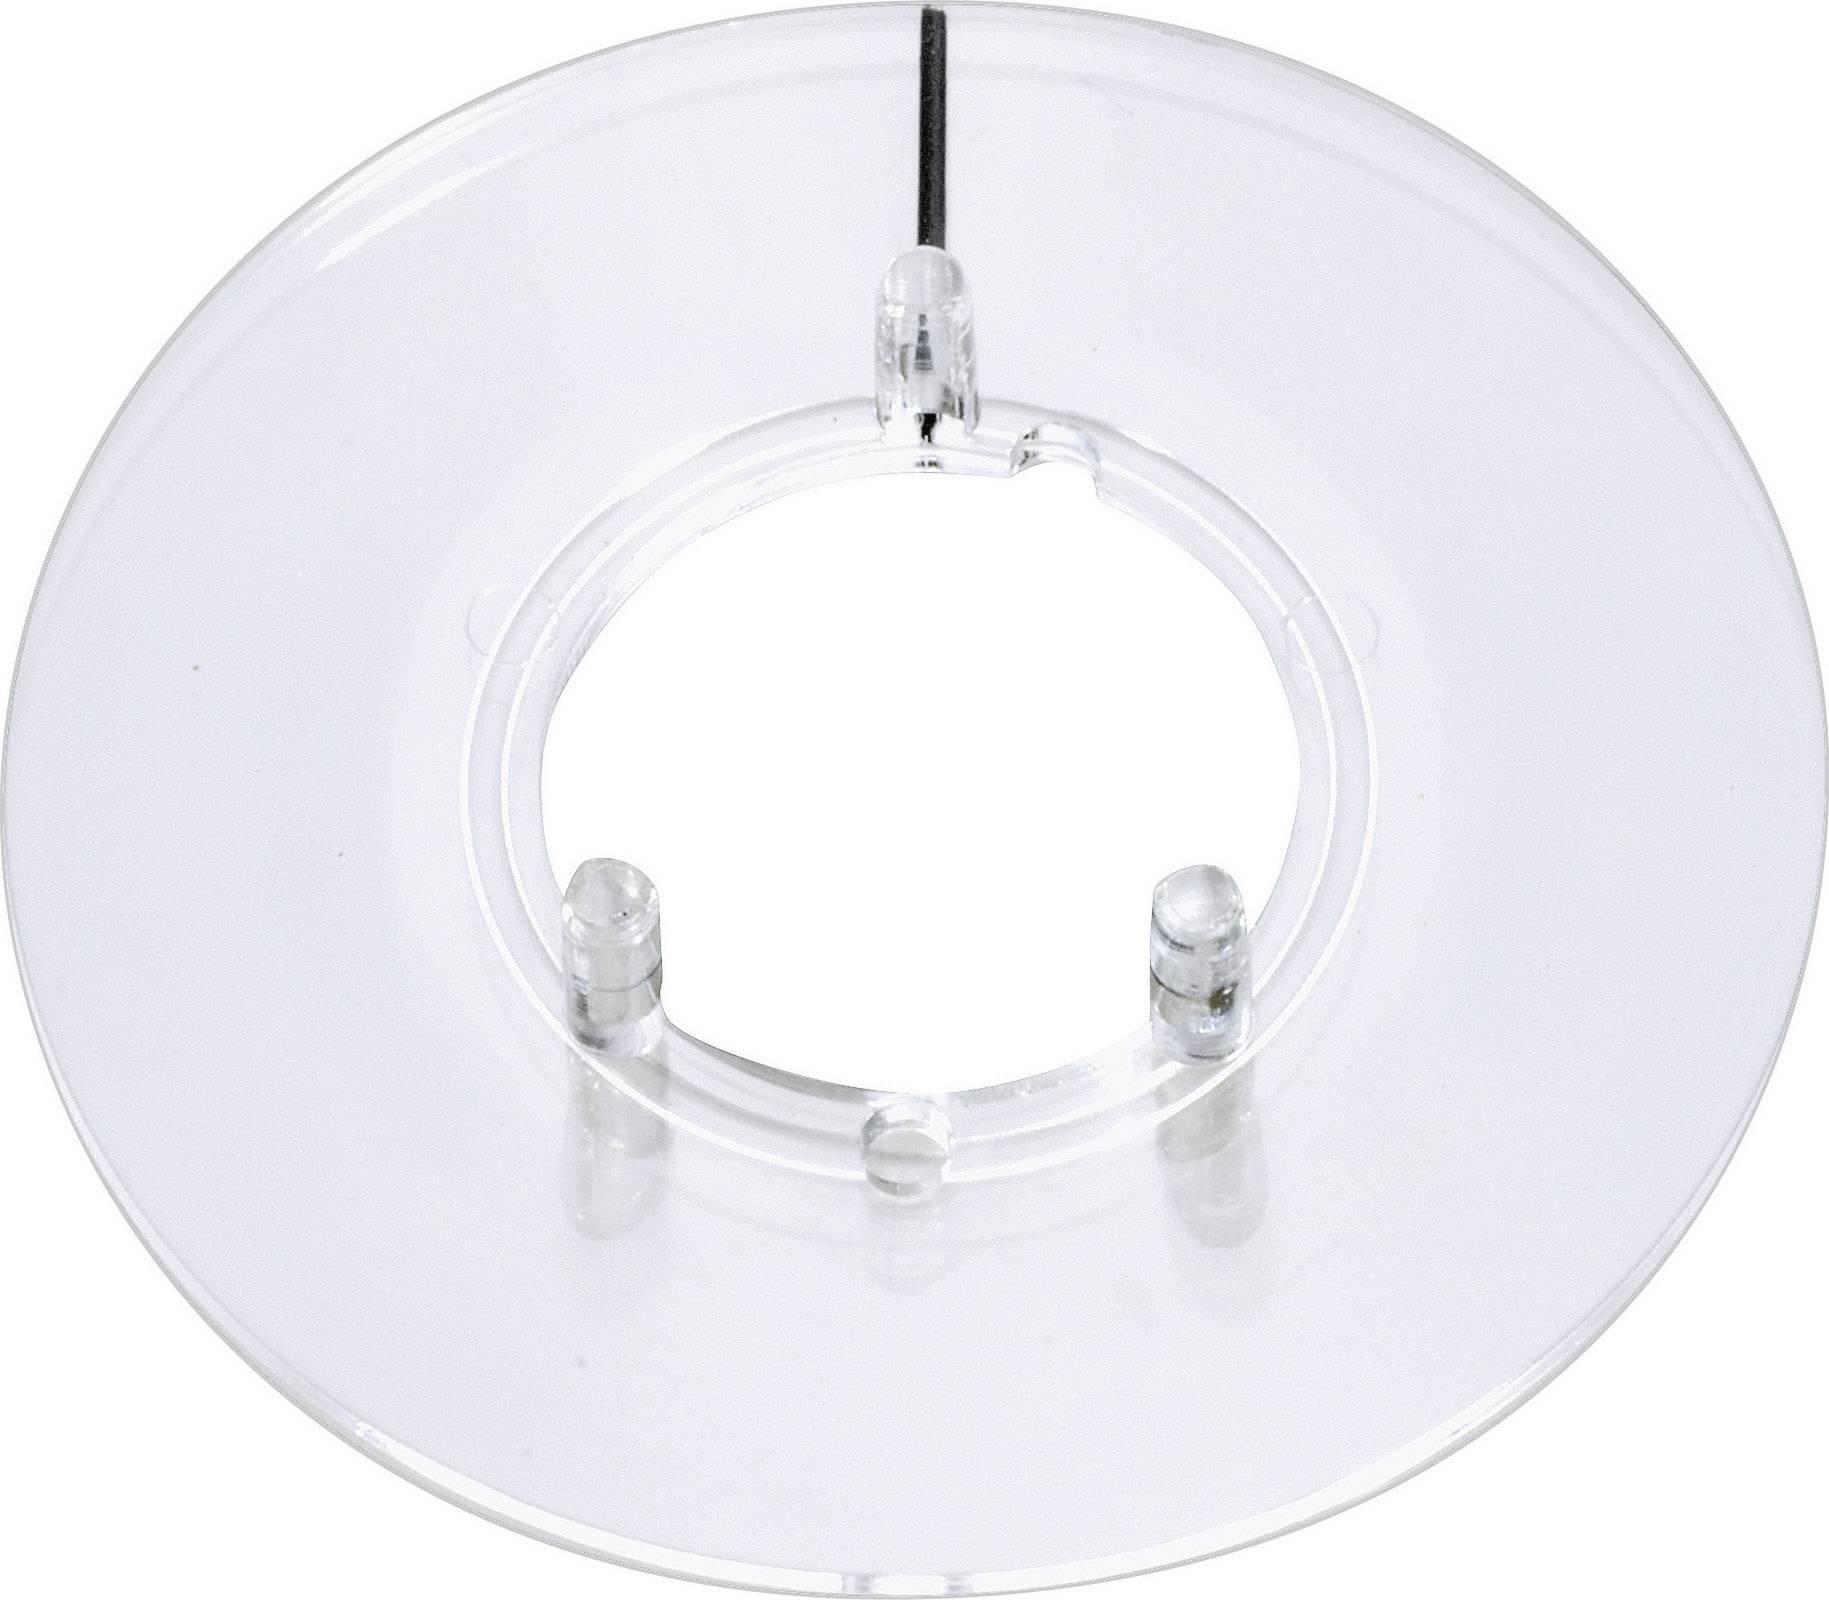 Kruhová stupnice s ukazatelem OKW, vhodná pro knoflík Ø 31 mm, transparentní